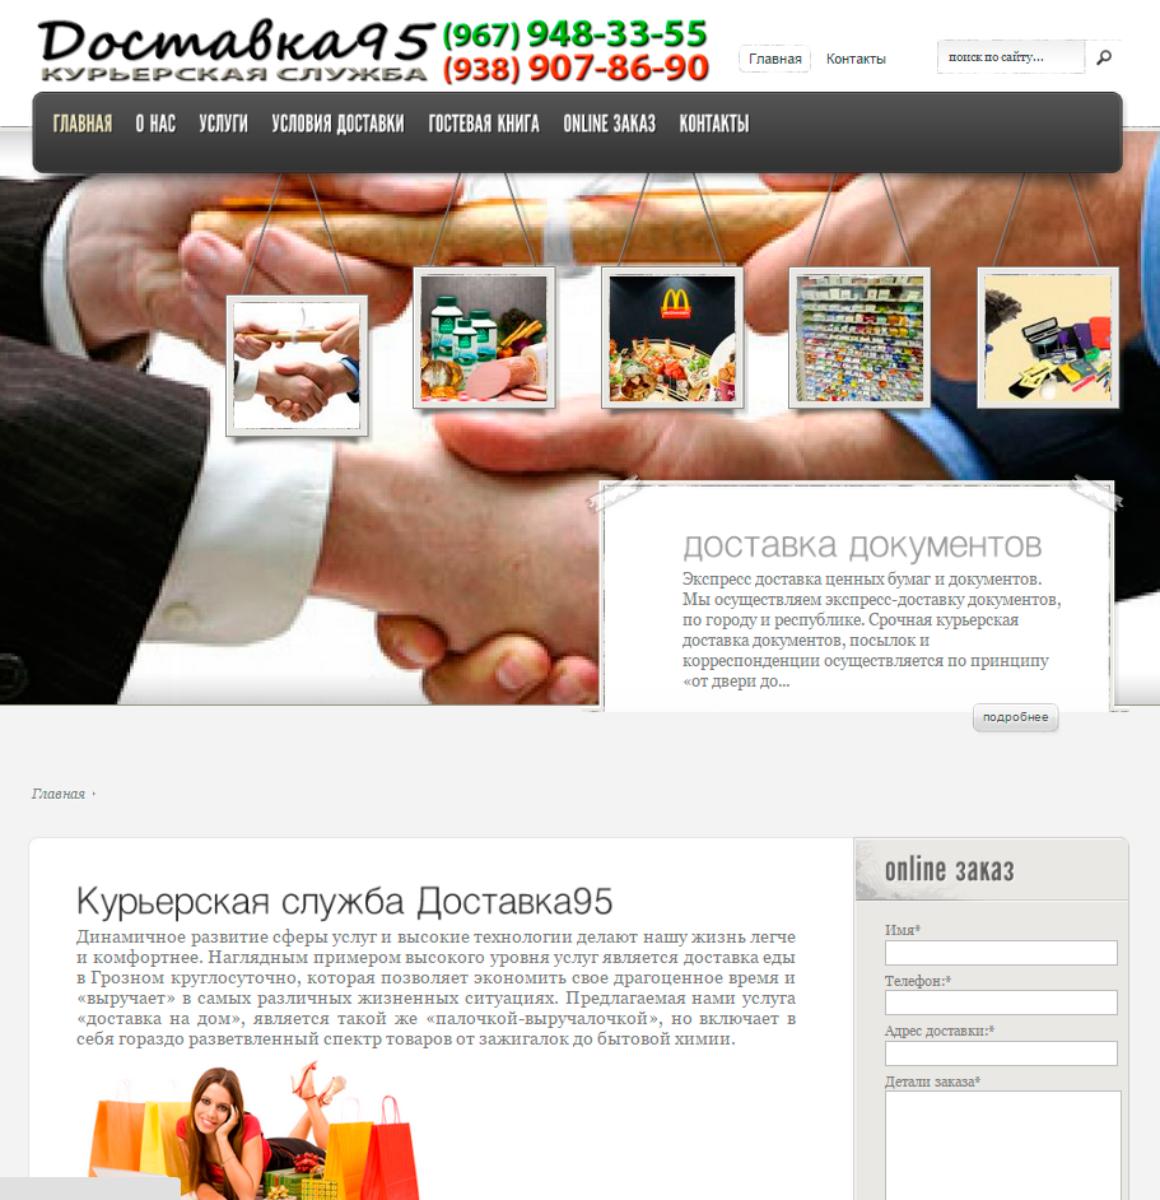 Сайт Курьерской службы Доставка95